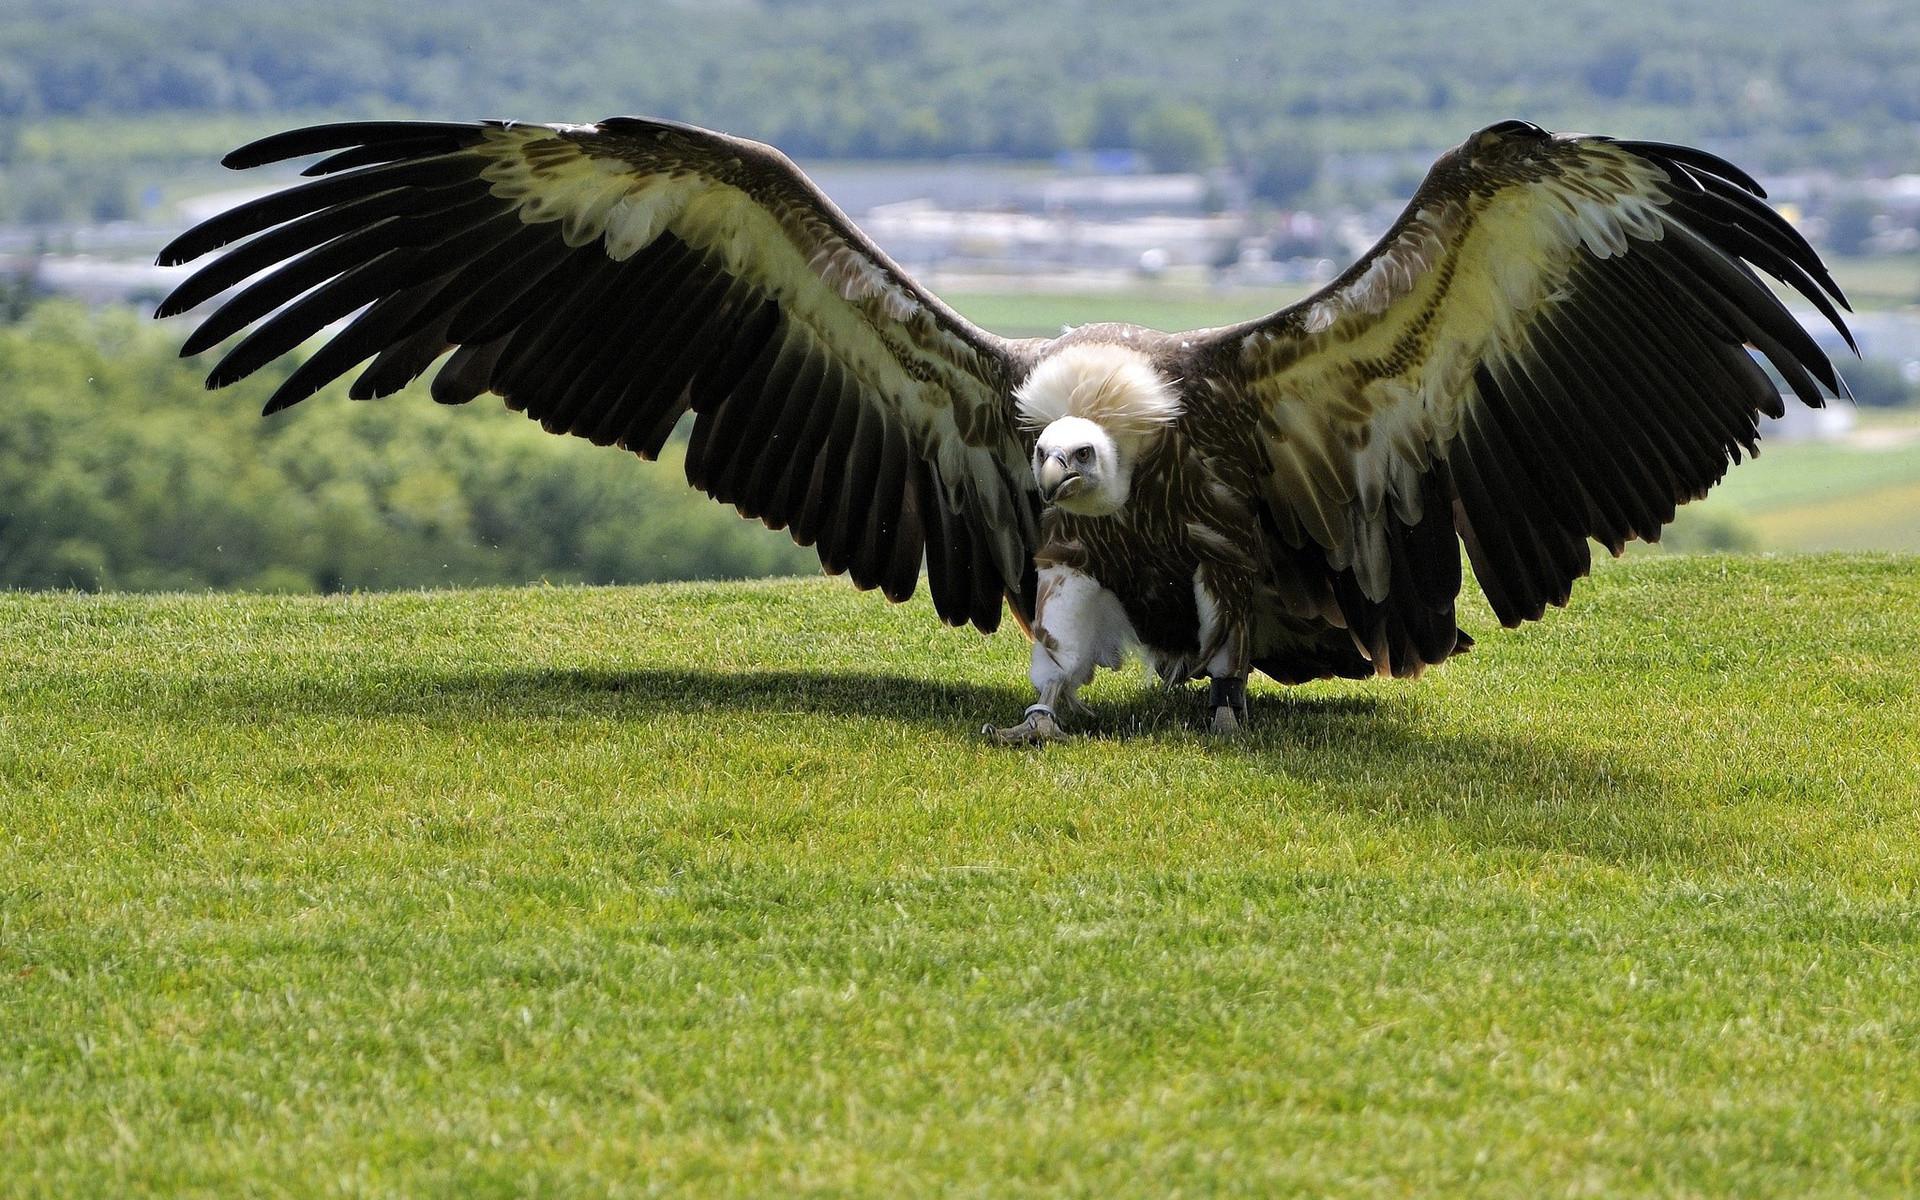 Самая большая летающая птица. Самые большие животные, животные, рекорды